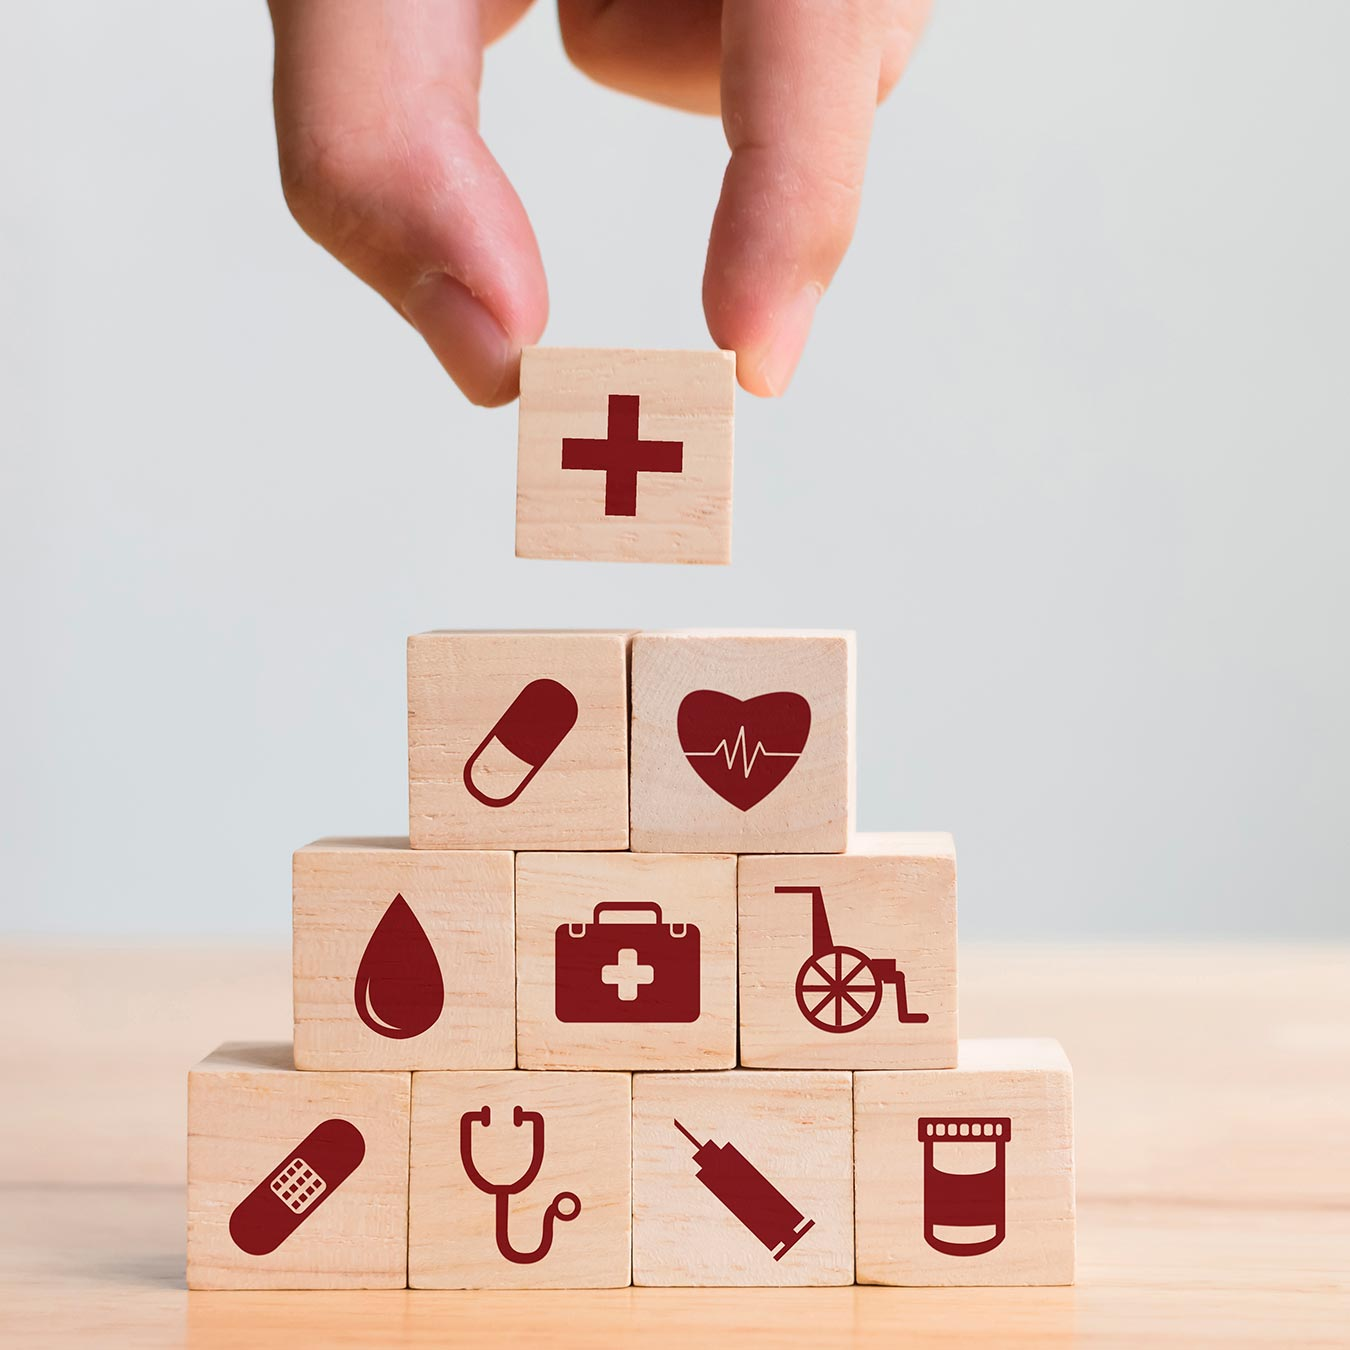 Gestão em Saúde  - PUC Minas